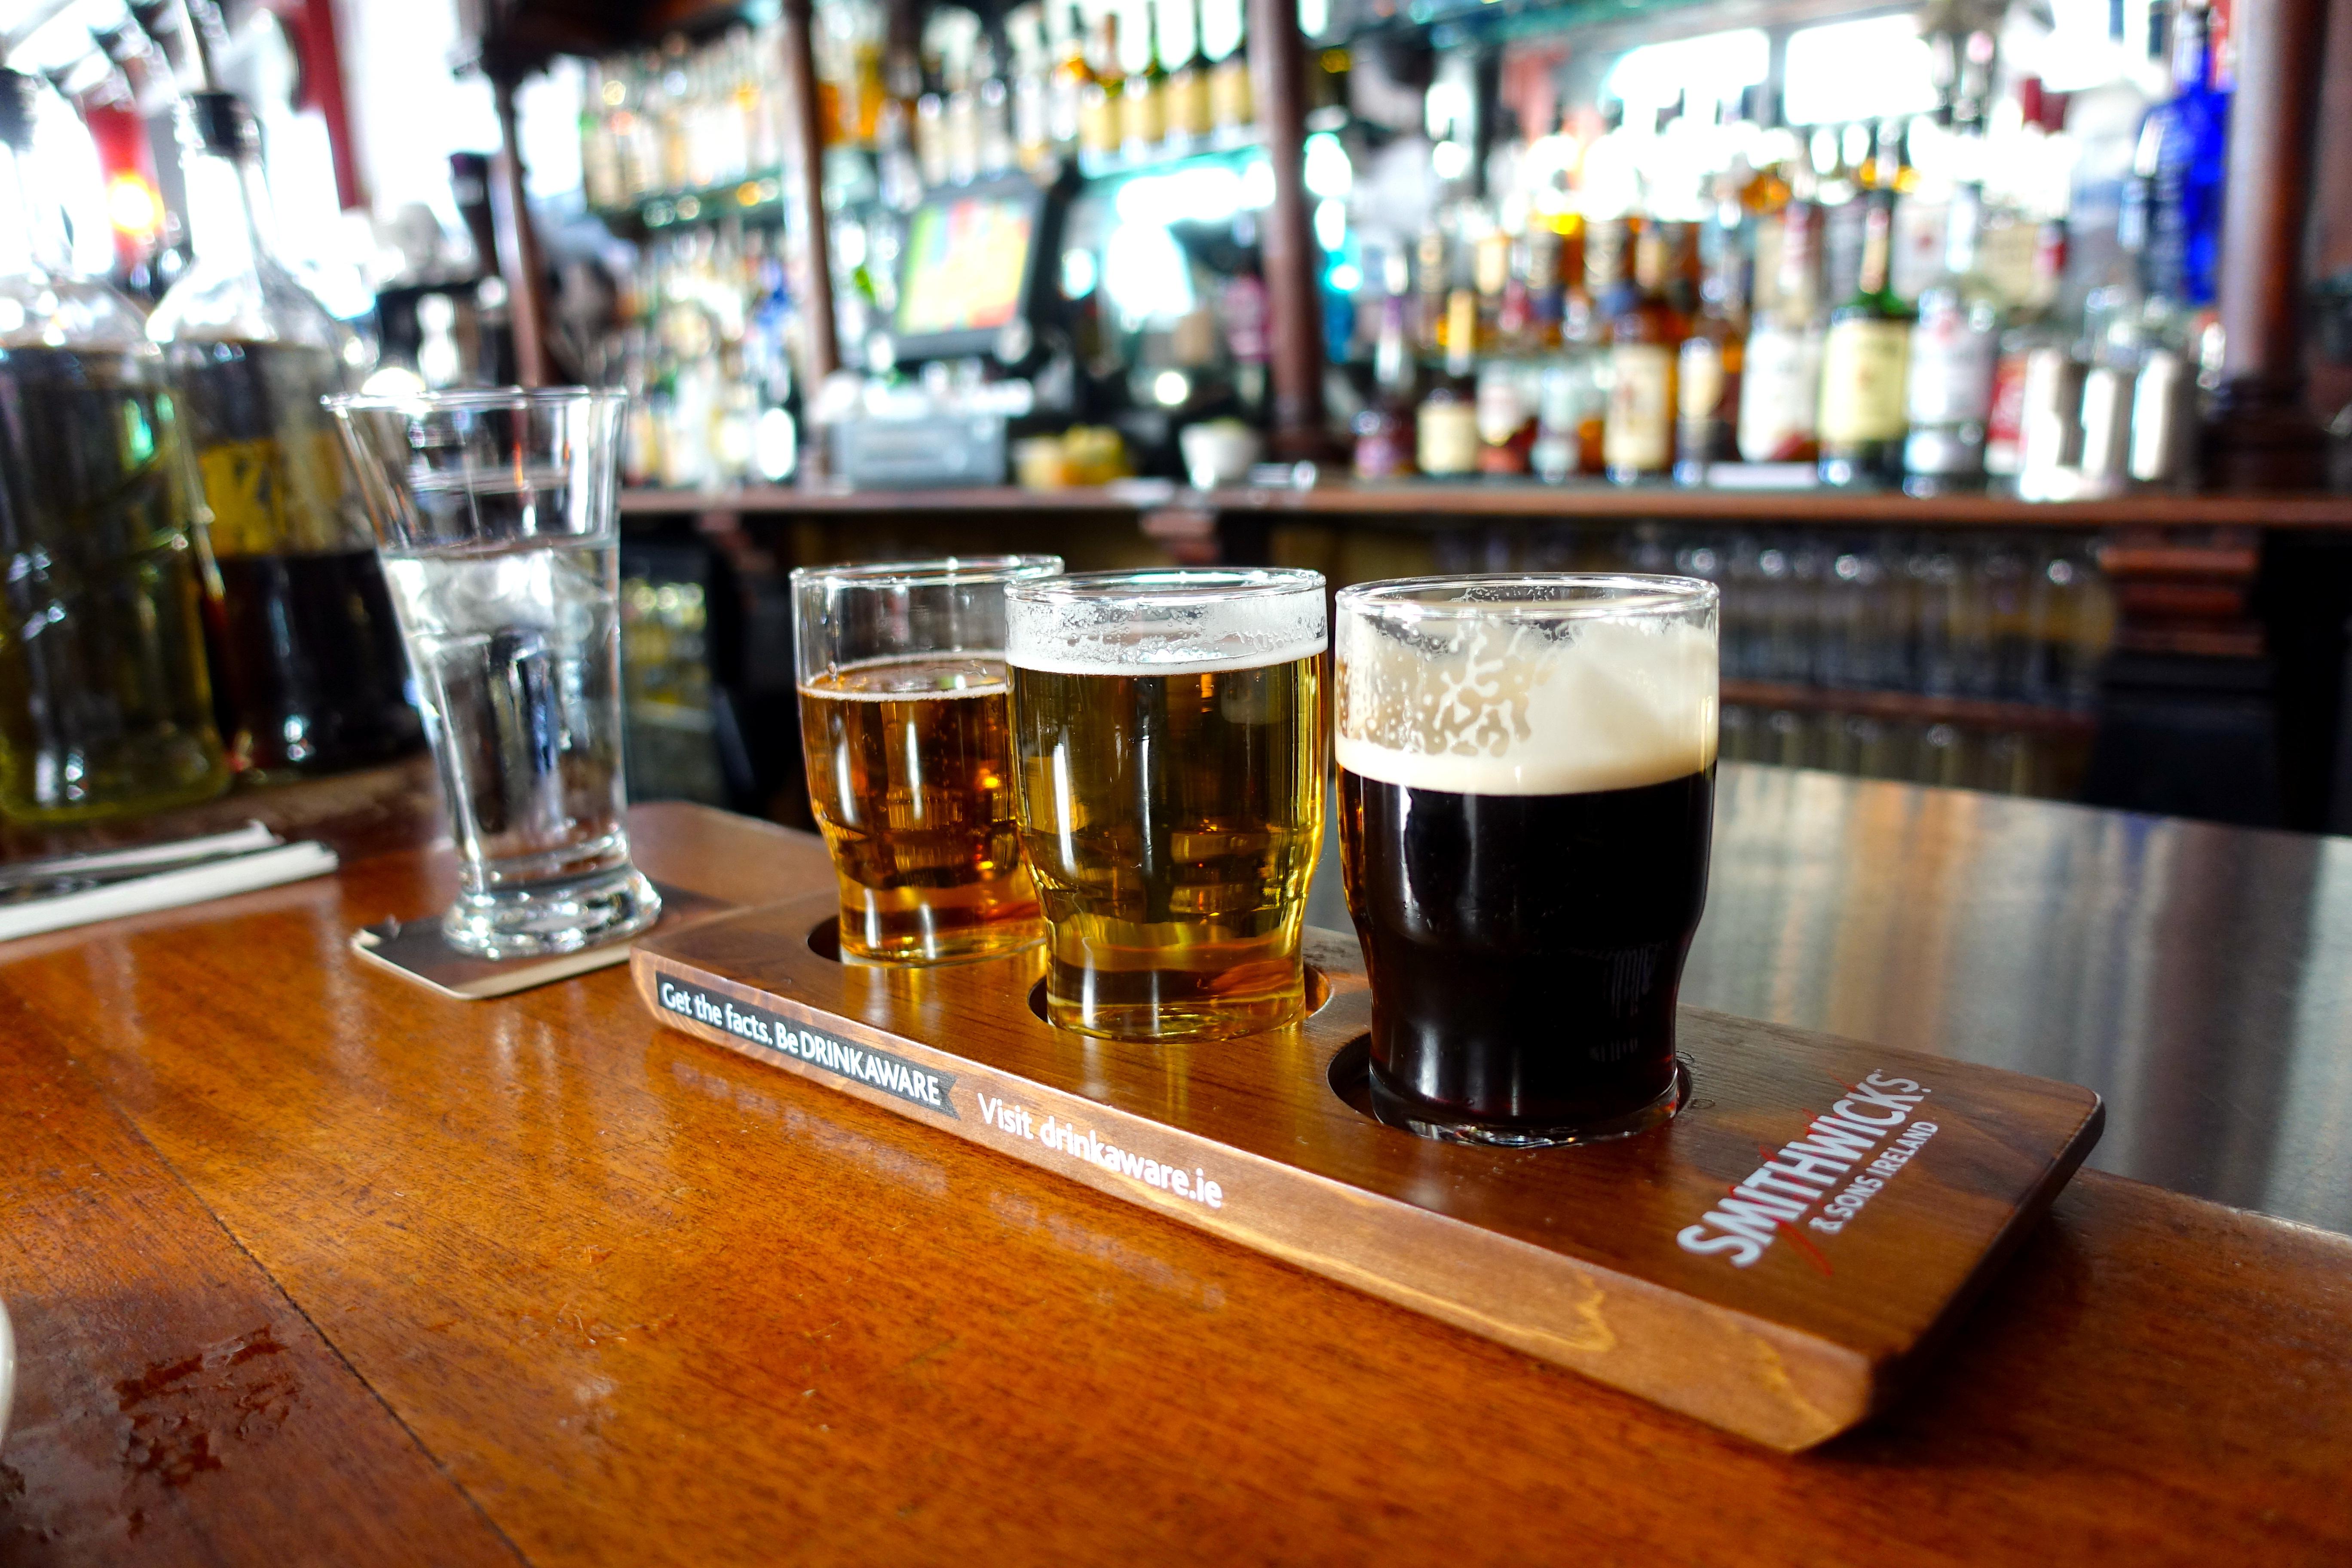 beer-tasting-dublin-ireland-lustforthesublime